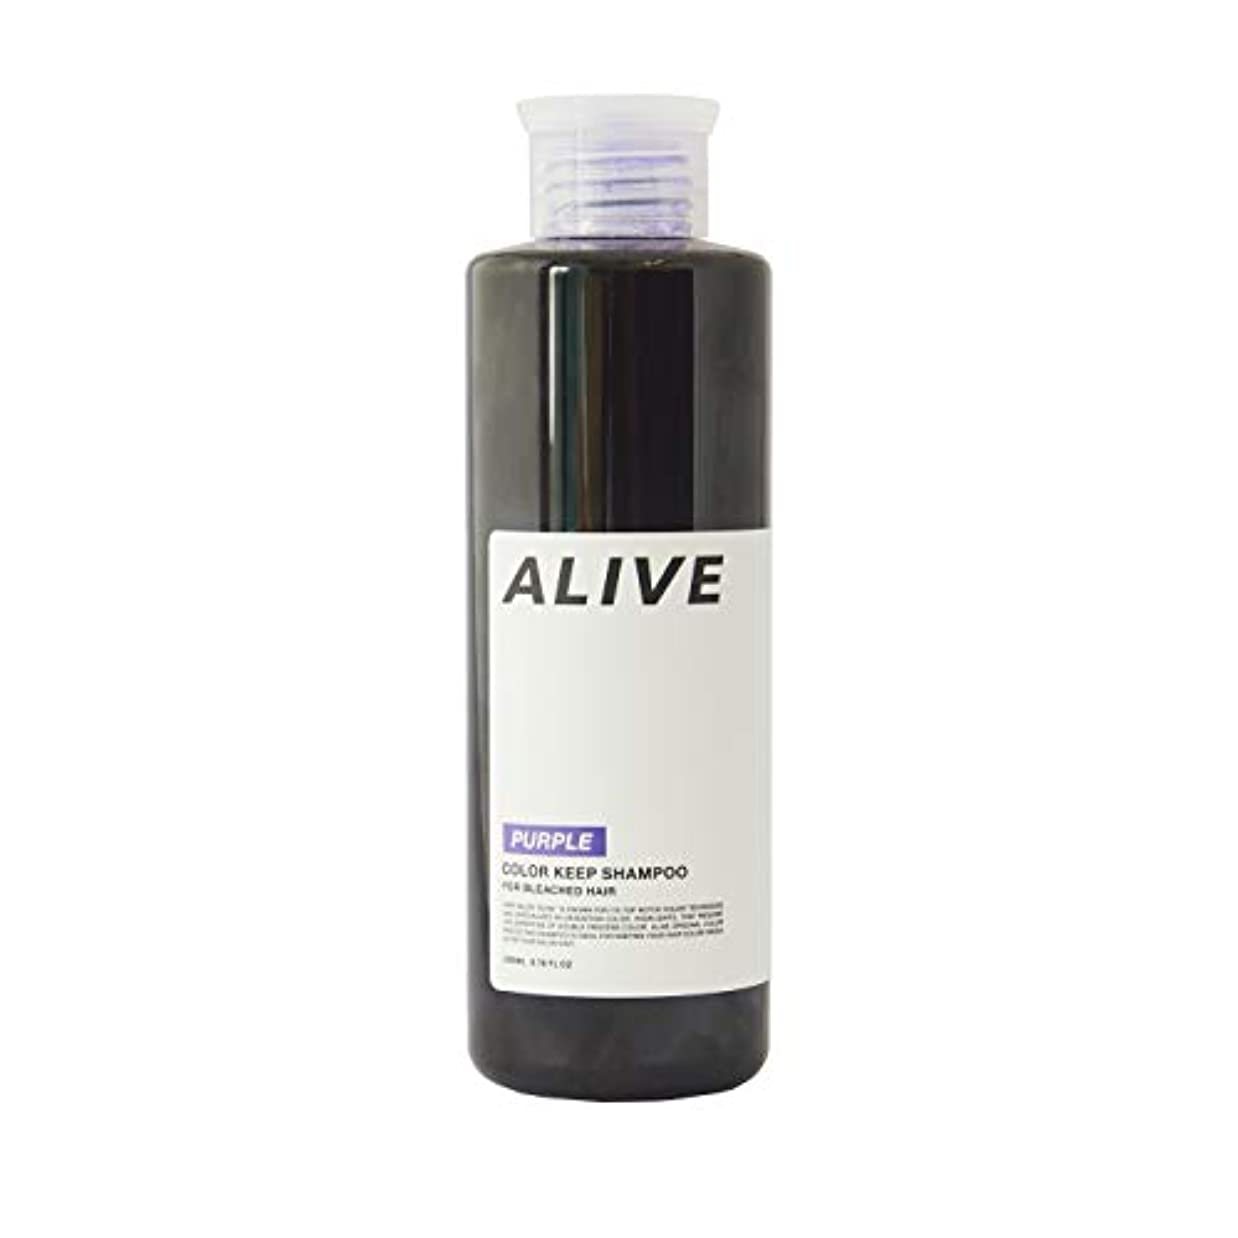 果てしないテラス一貫したALIVE アライブ カラーシャンプー 極濃 紫シャンプー 200ml ムラサキ パープル ムラシャン ムラサキシャンプー